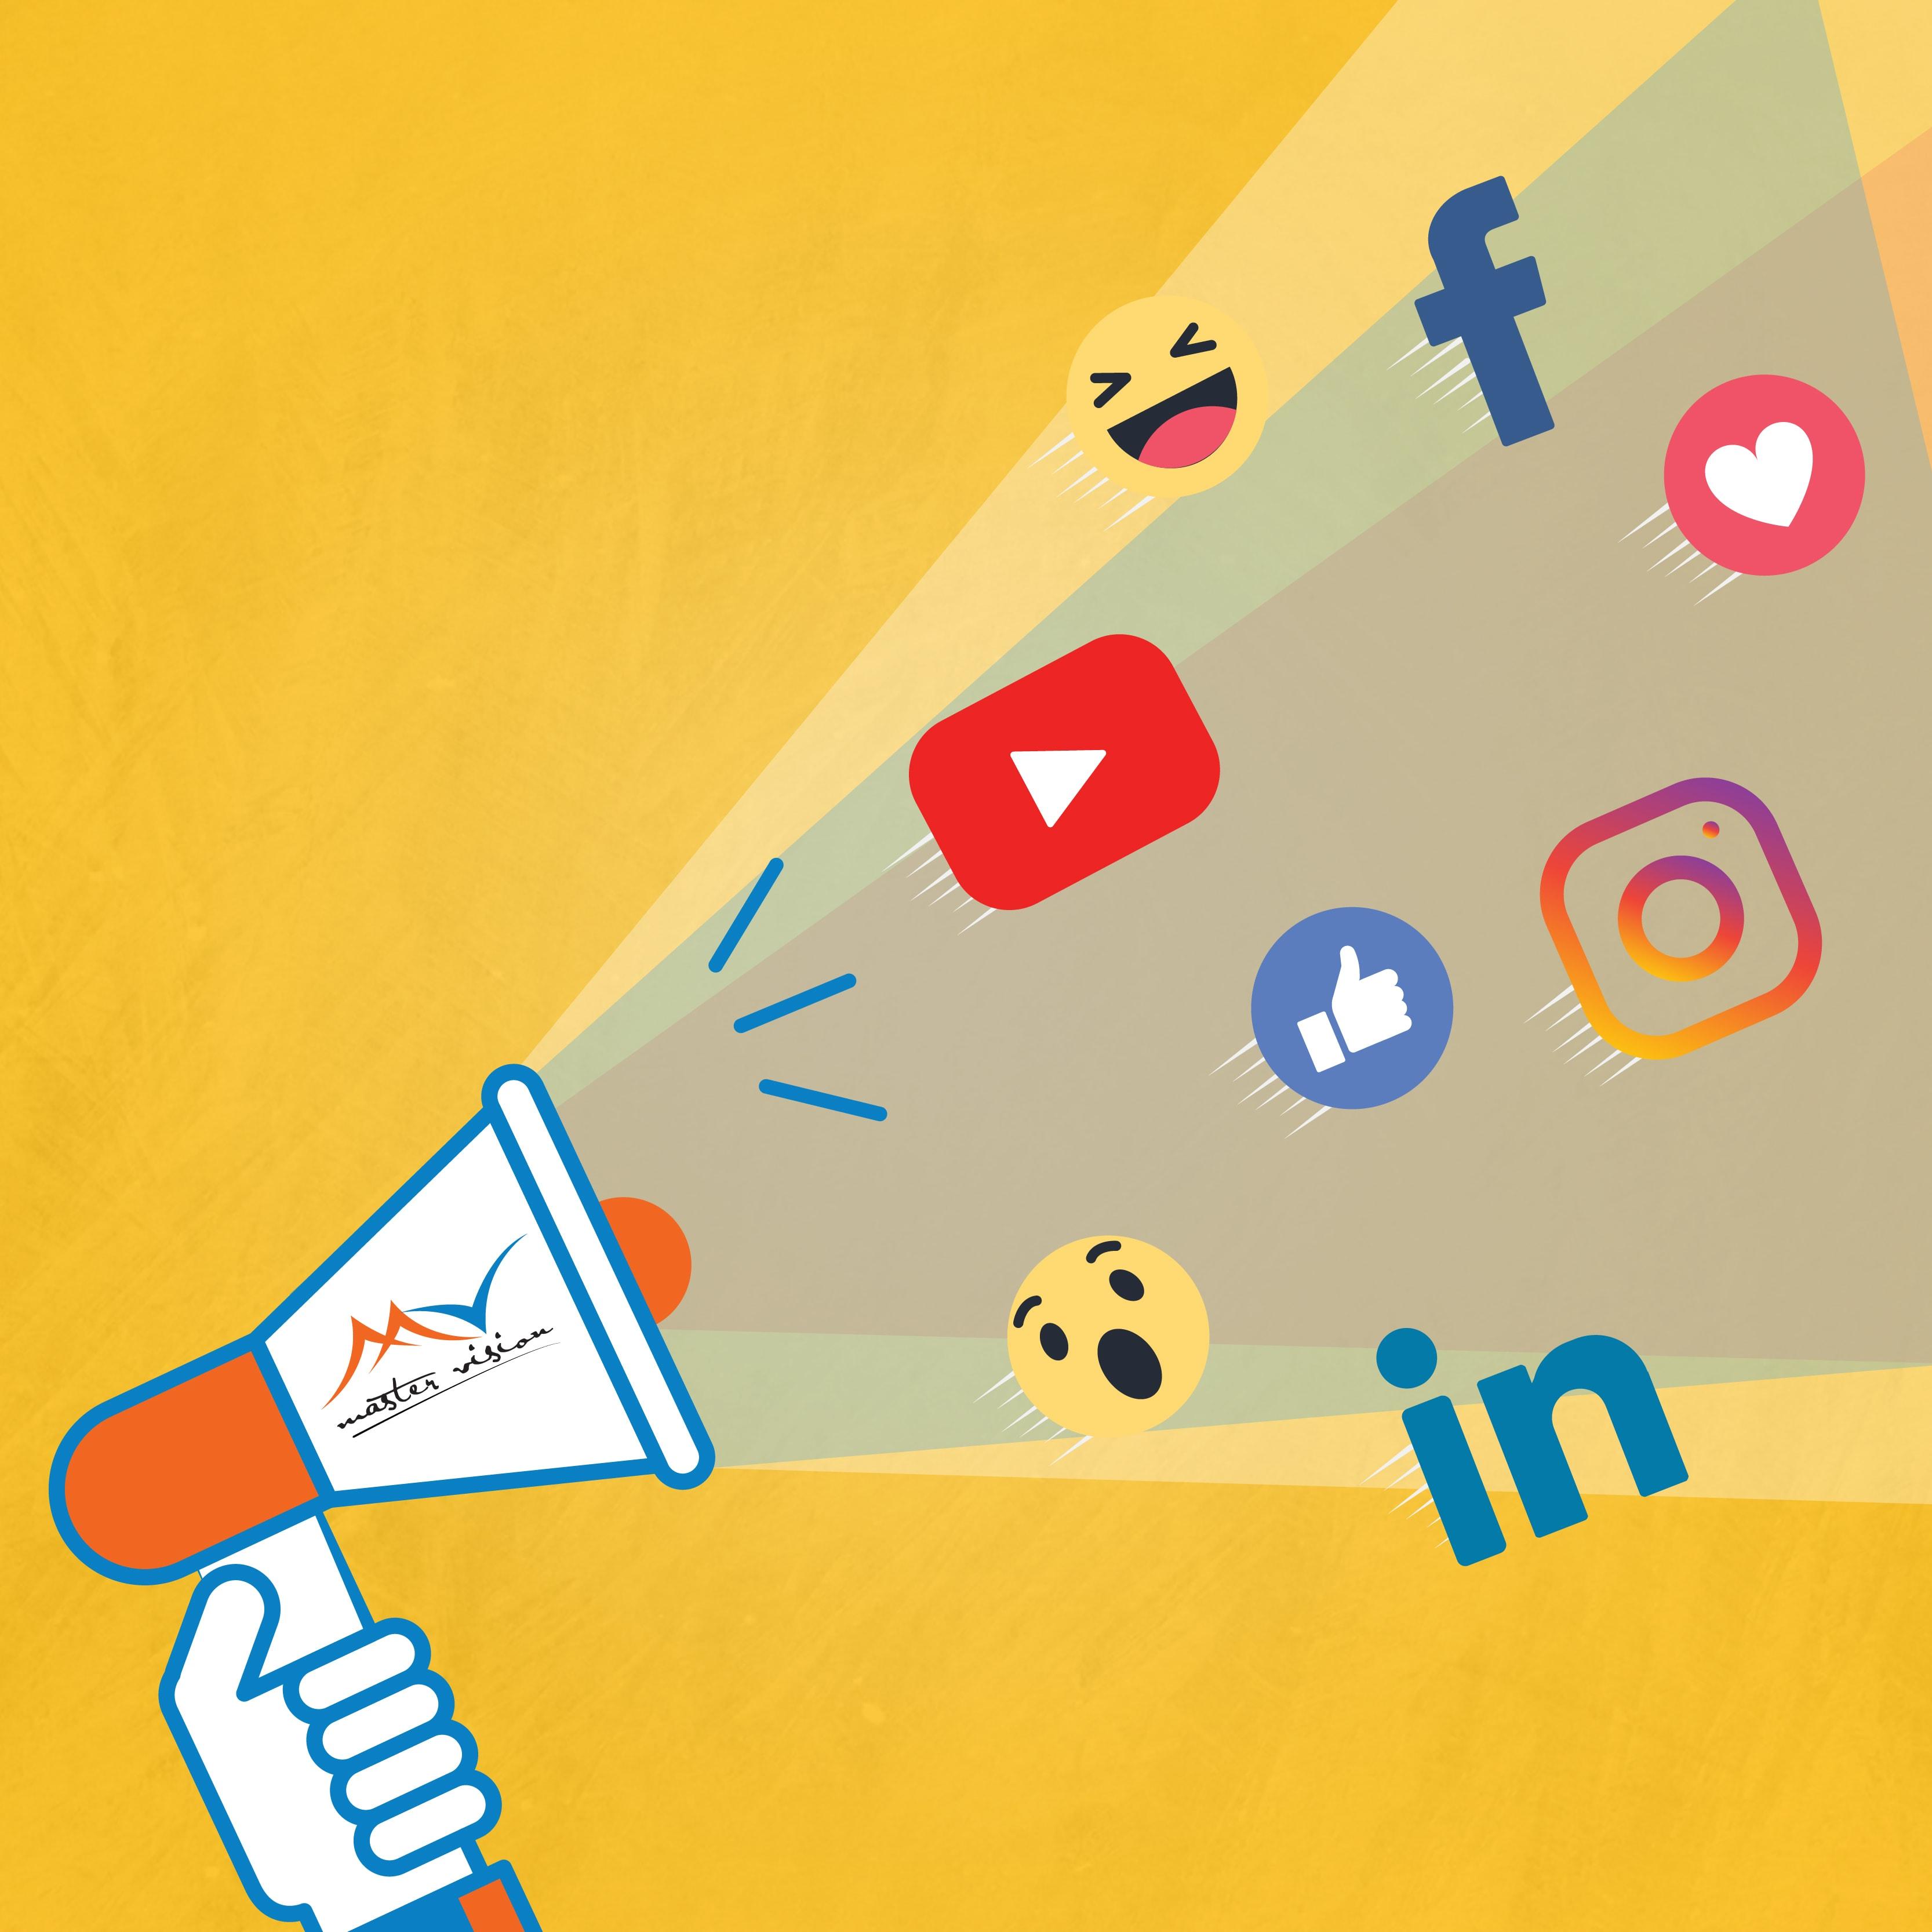 تسويق وسائل التواصل الاجتماعي